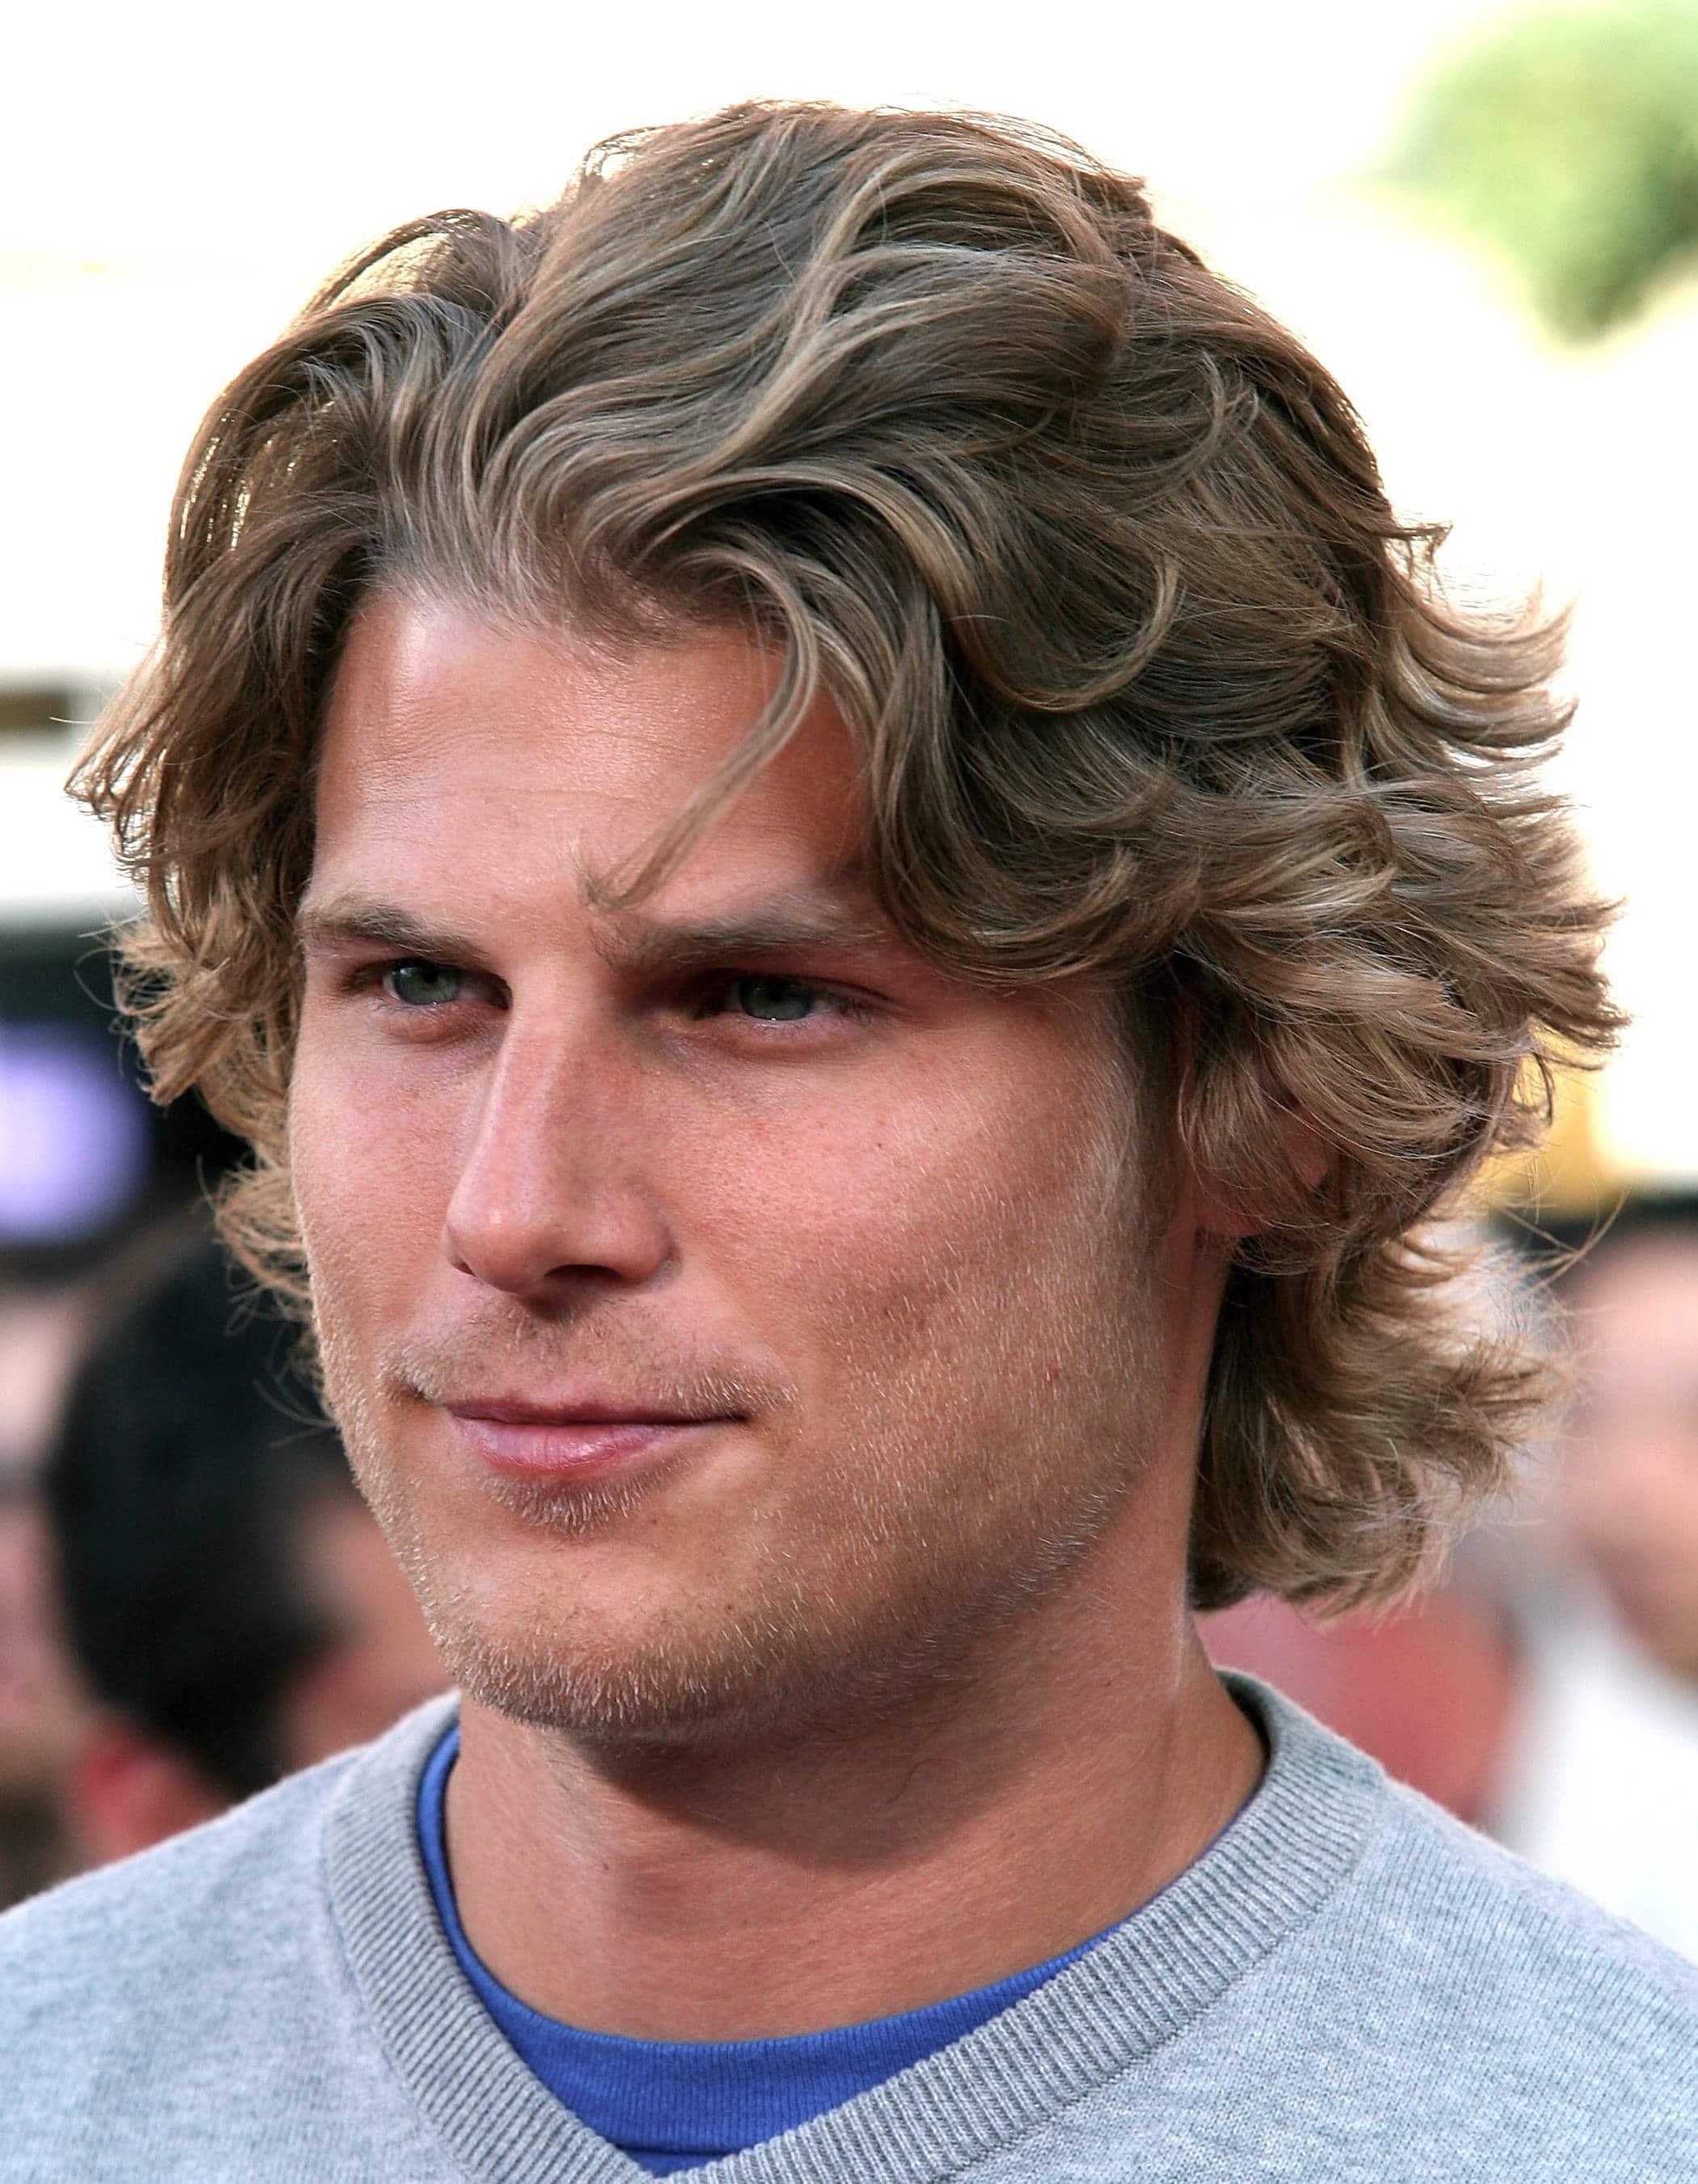 20 cortes de cabelo masculino ondulado e cacheado